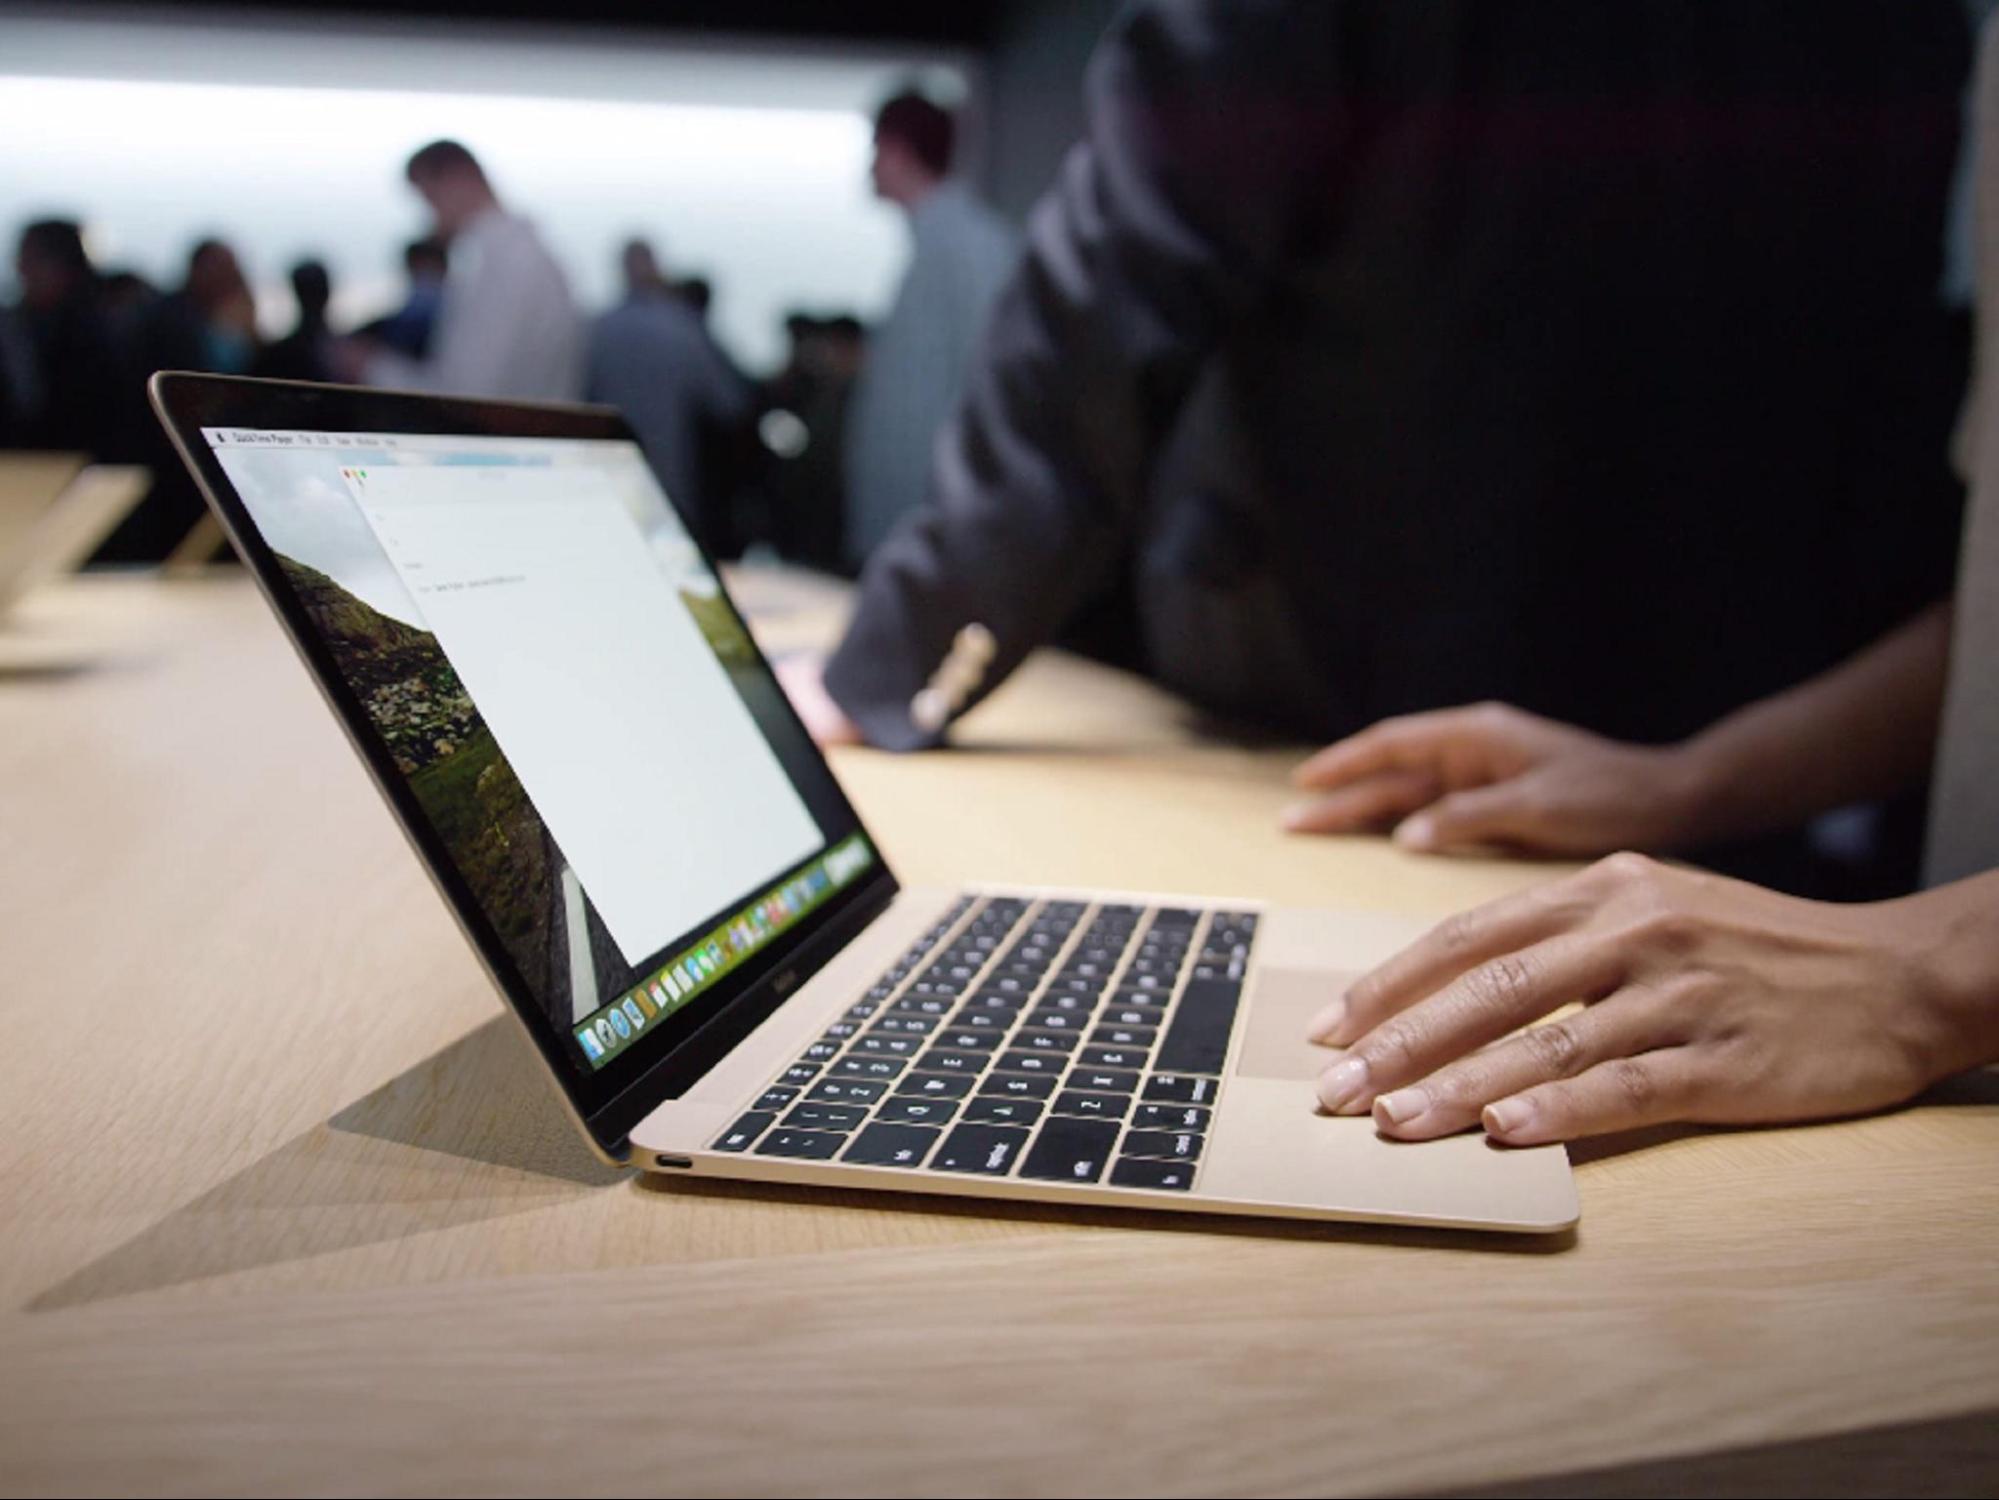 Macbook, o notebook de 12 polegadas da Apple com uma nova tecnologia no teclado.